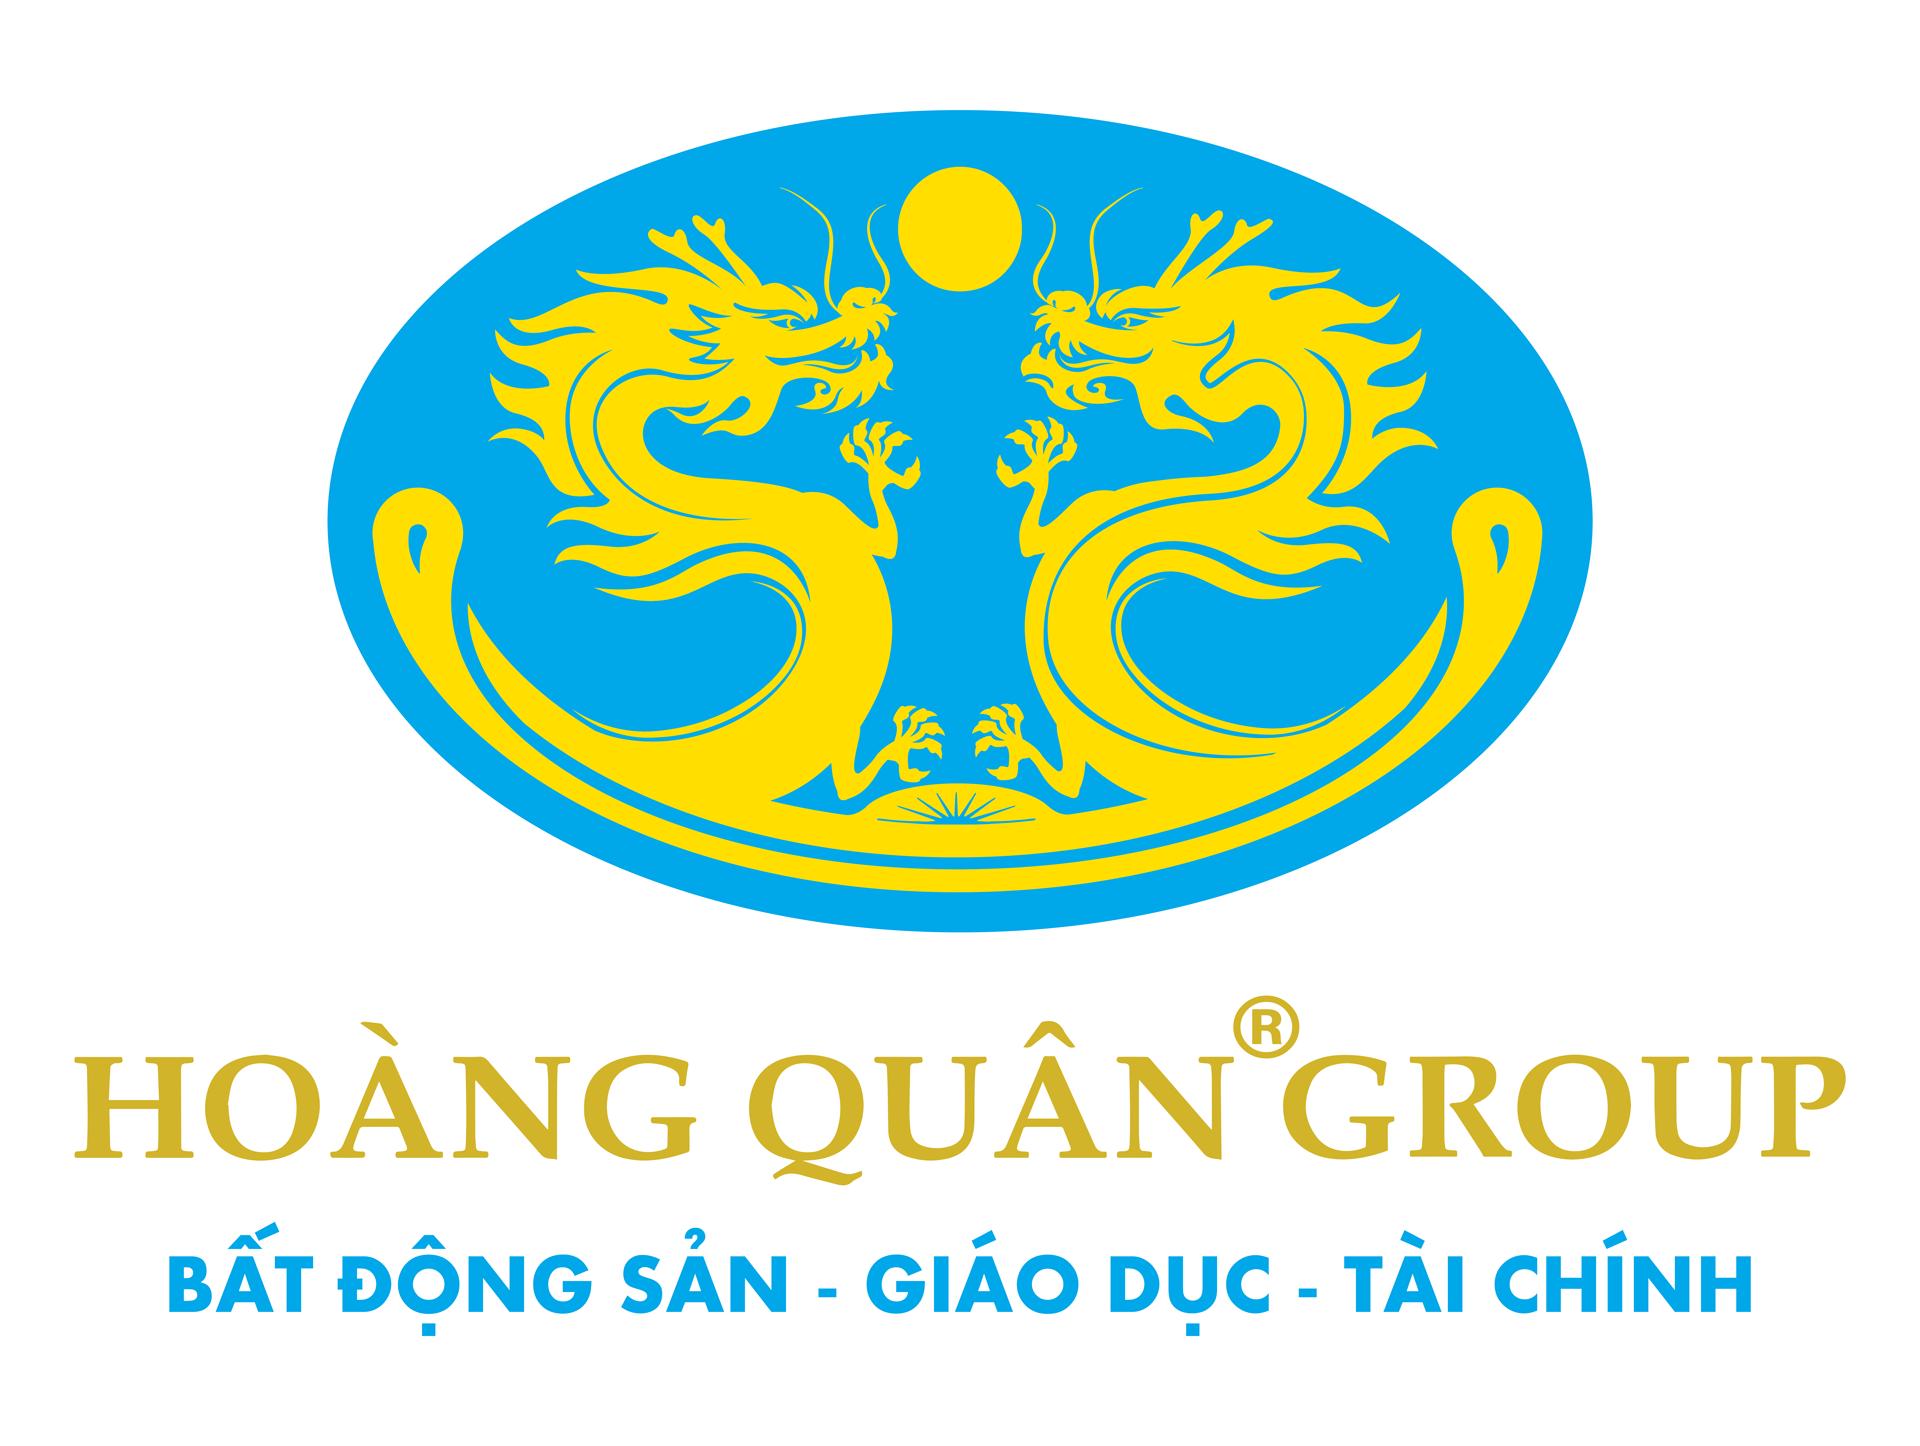 HOÀNG QUÂN GROUP